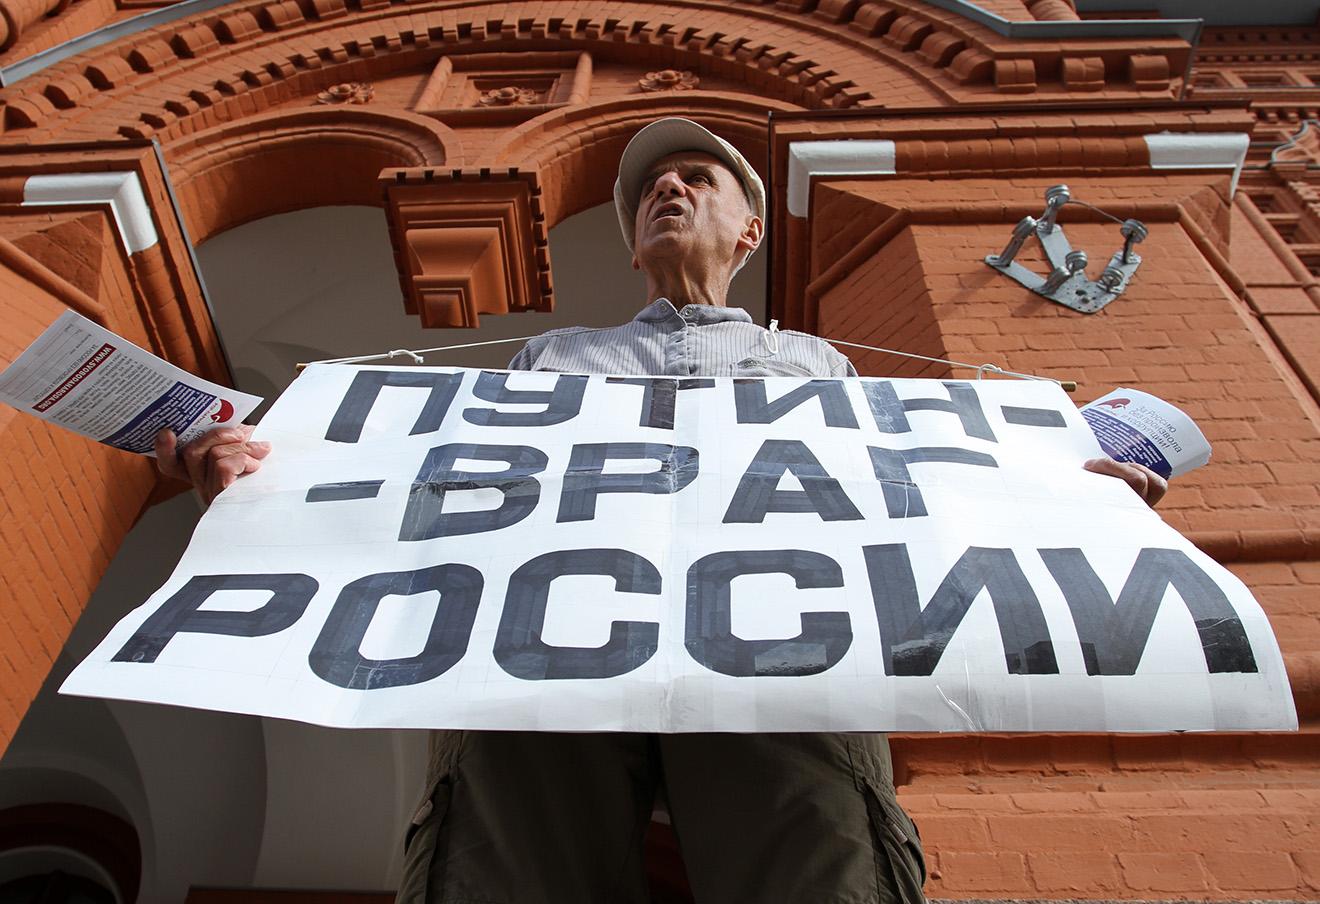 Митинг в поддержку Алексея Навального после приговора по делу «Кировлеса», 18 июля 2013 года.